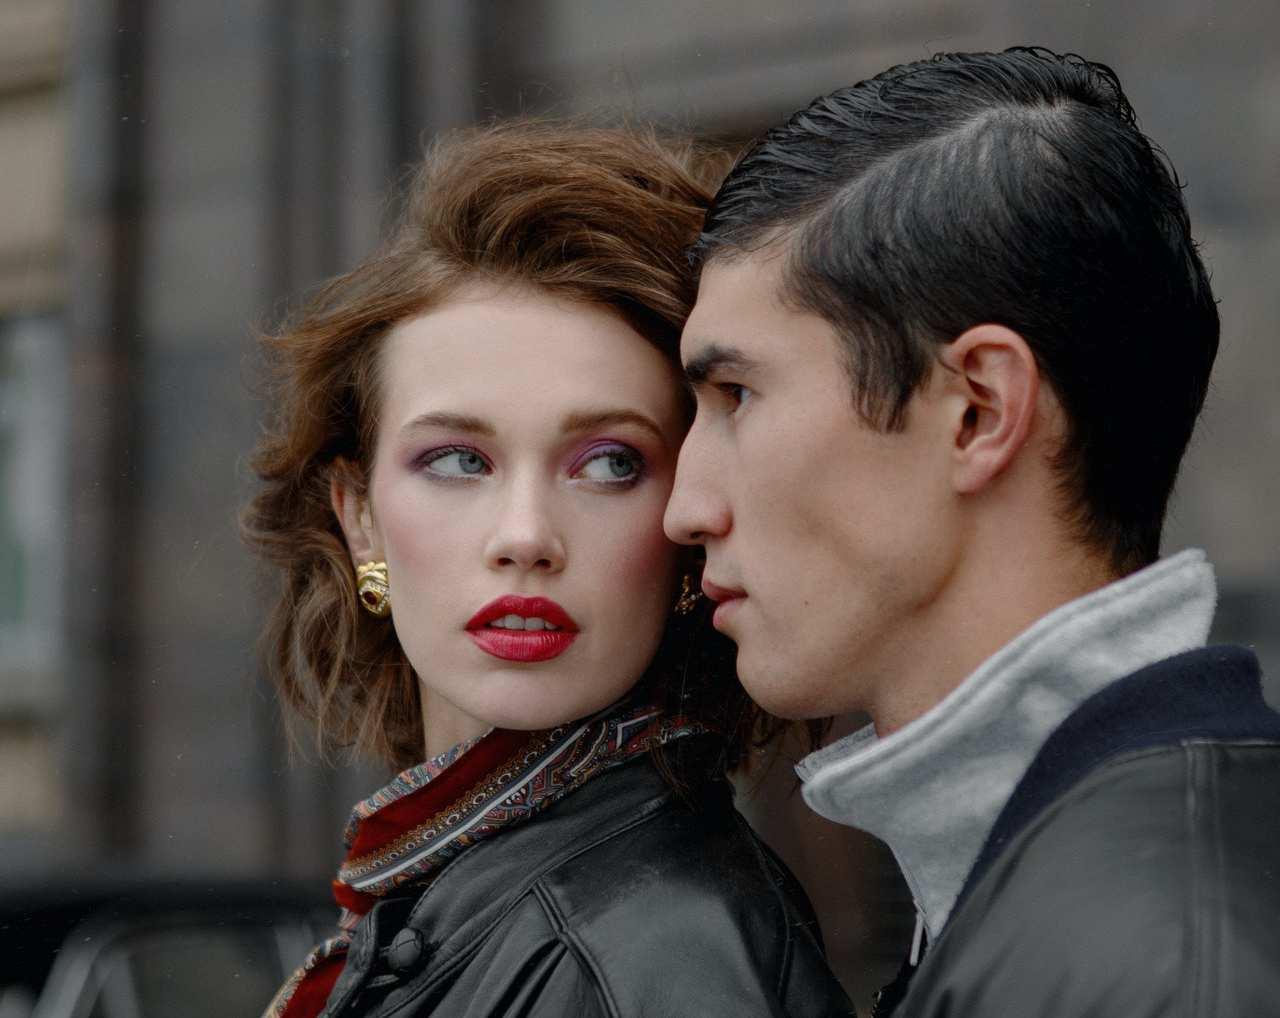 Come conquistare una donna o ragazza Scorpione, sedurla e farla innamorare di te